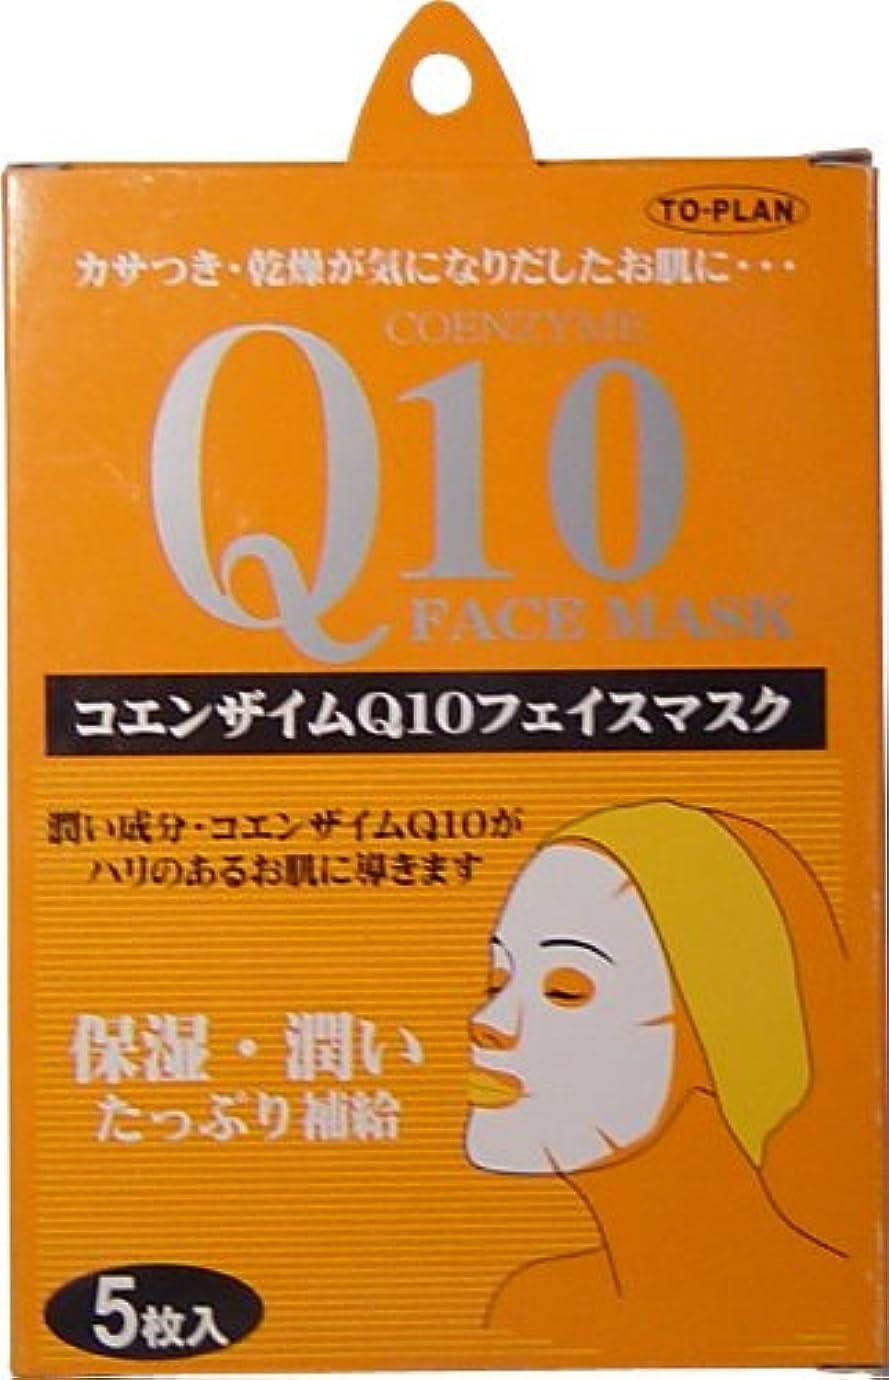 風変わりな不忠再集計トプラン コエンザイムQ10フェイスマスク 5枚入